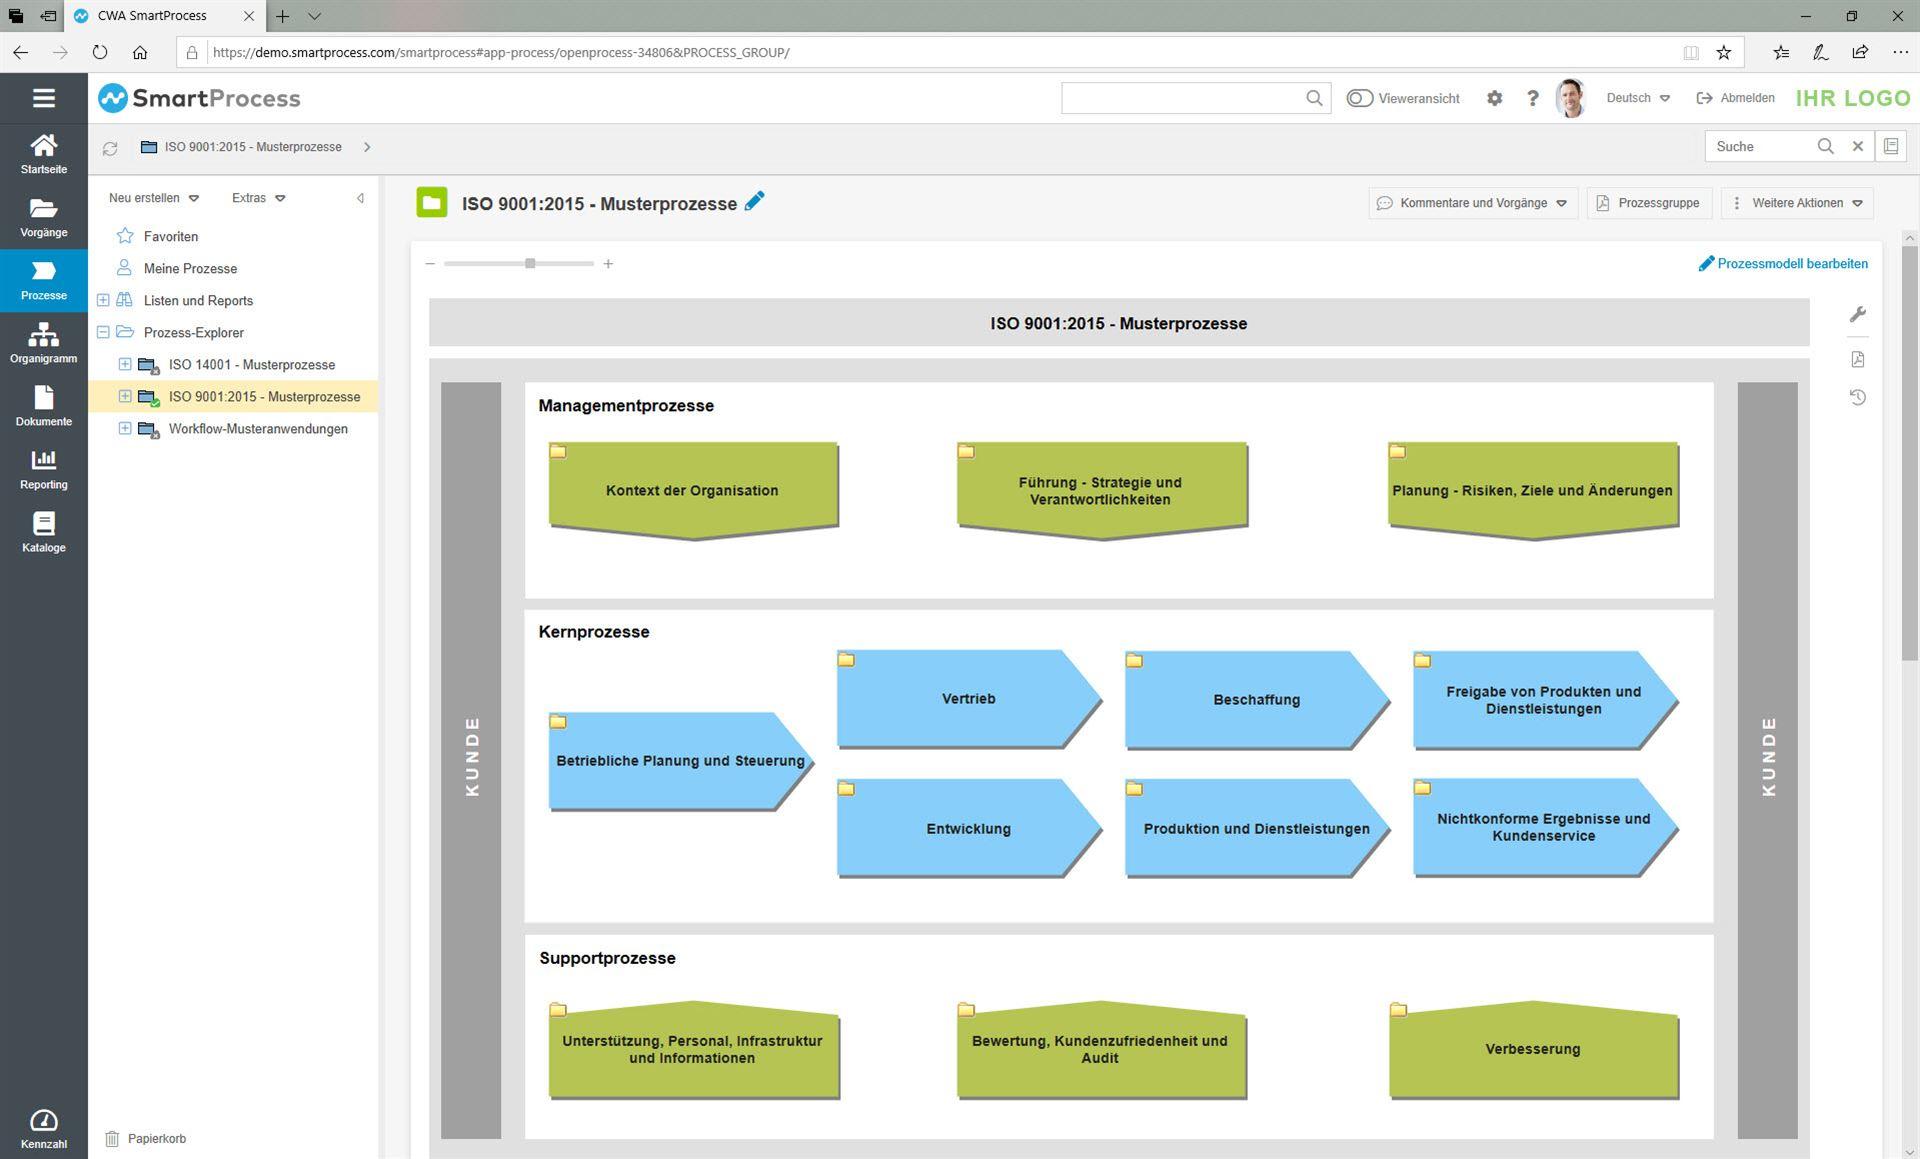 SmartProcess QMS Software BPMN